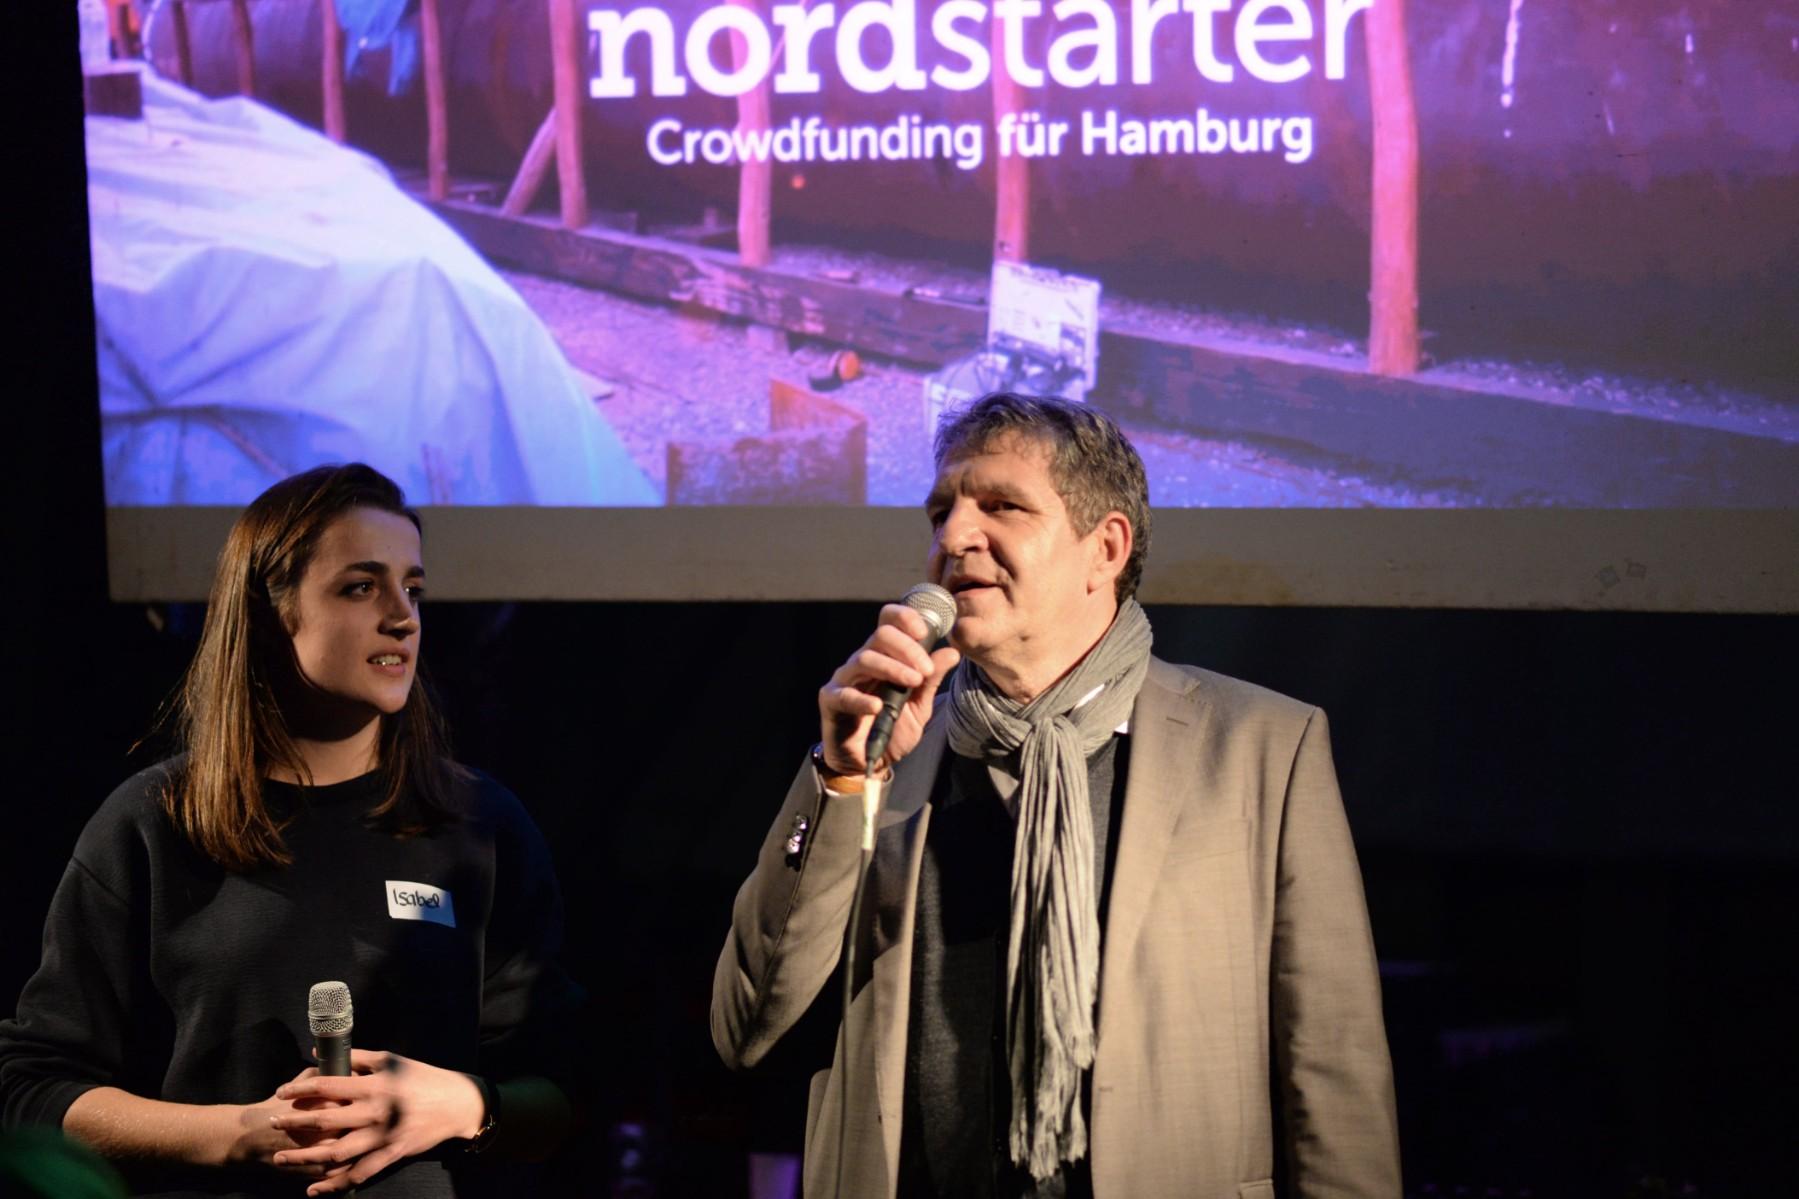 Crowdfunding Hamburg